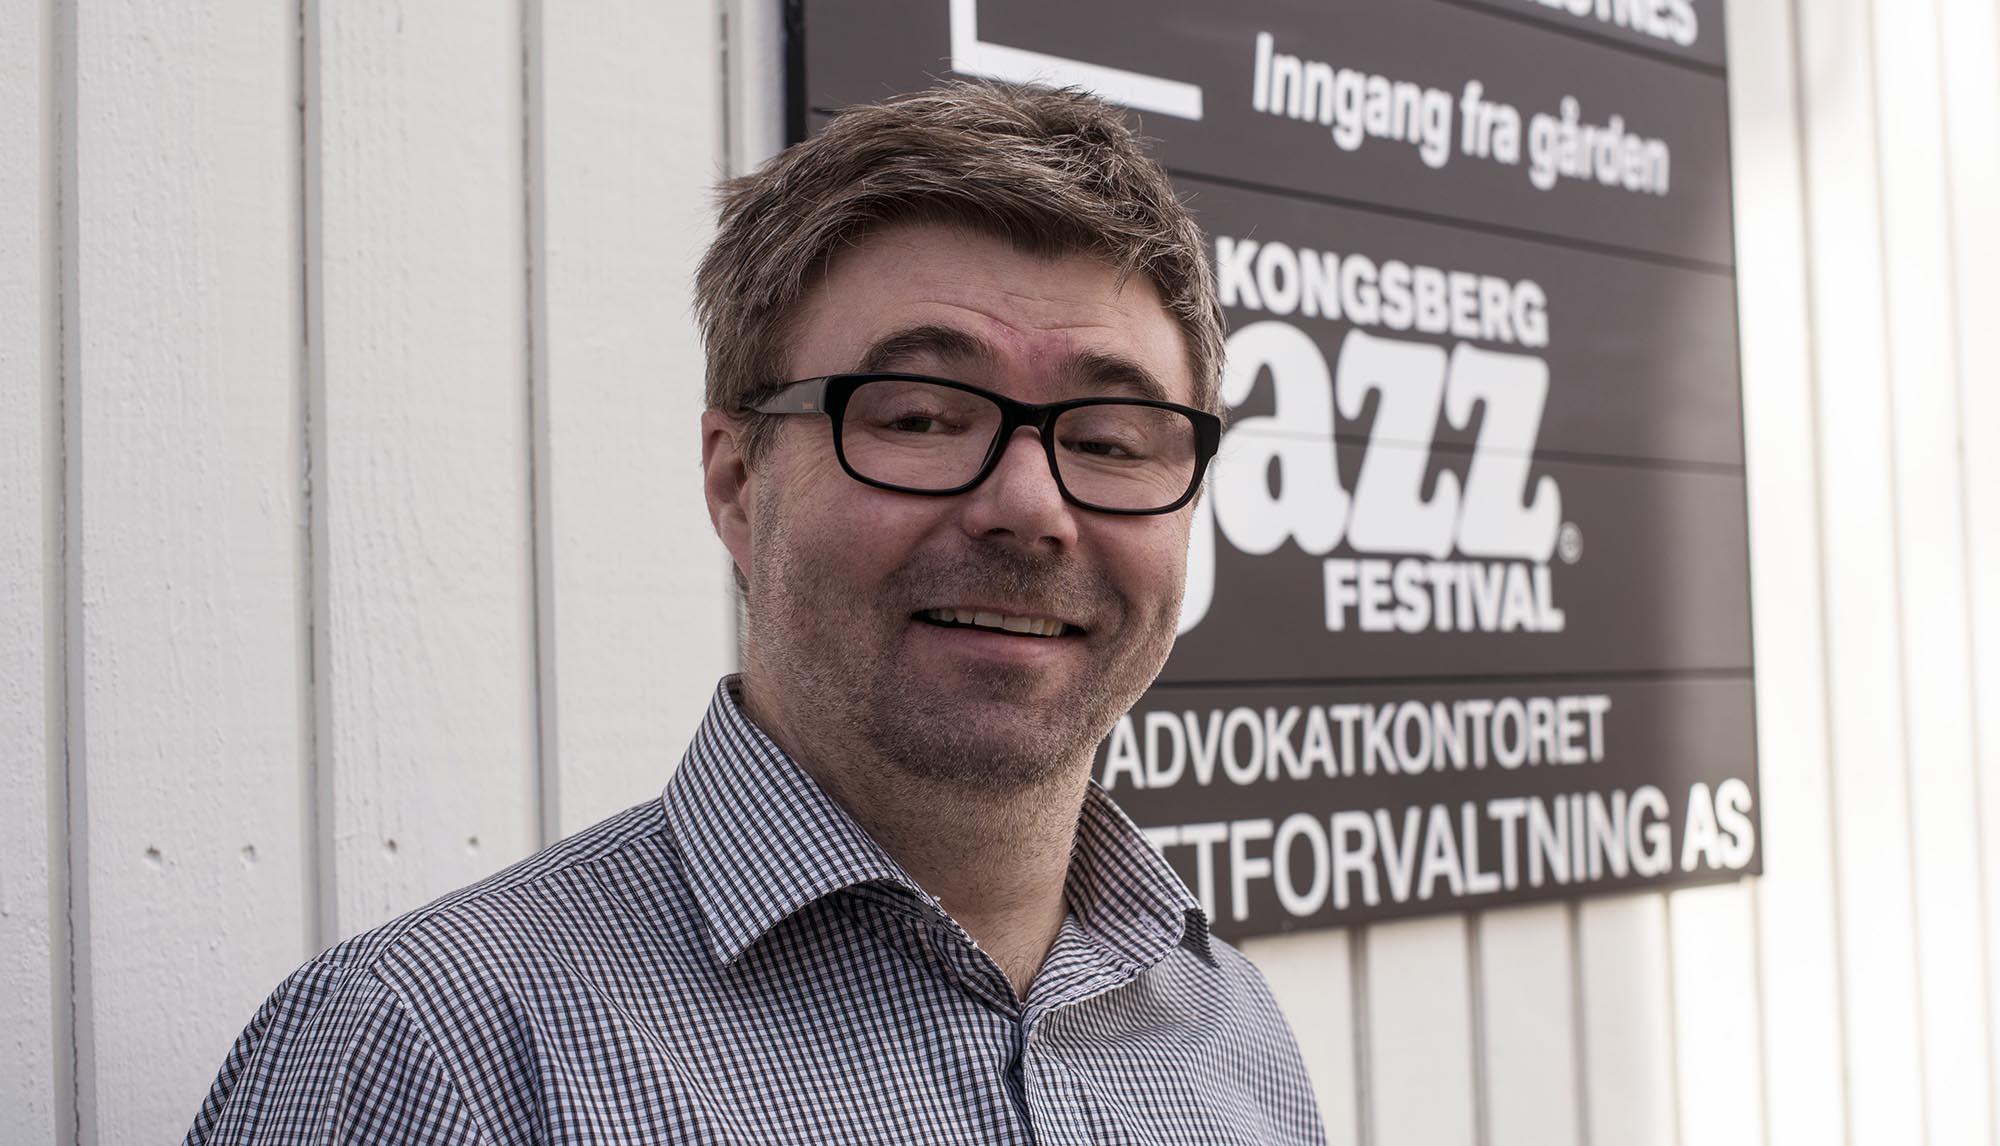 Kai Gustavsen. Foto: Bjørn Isaksen